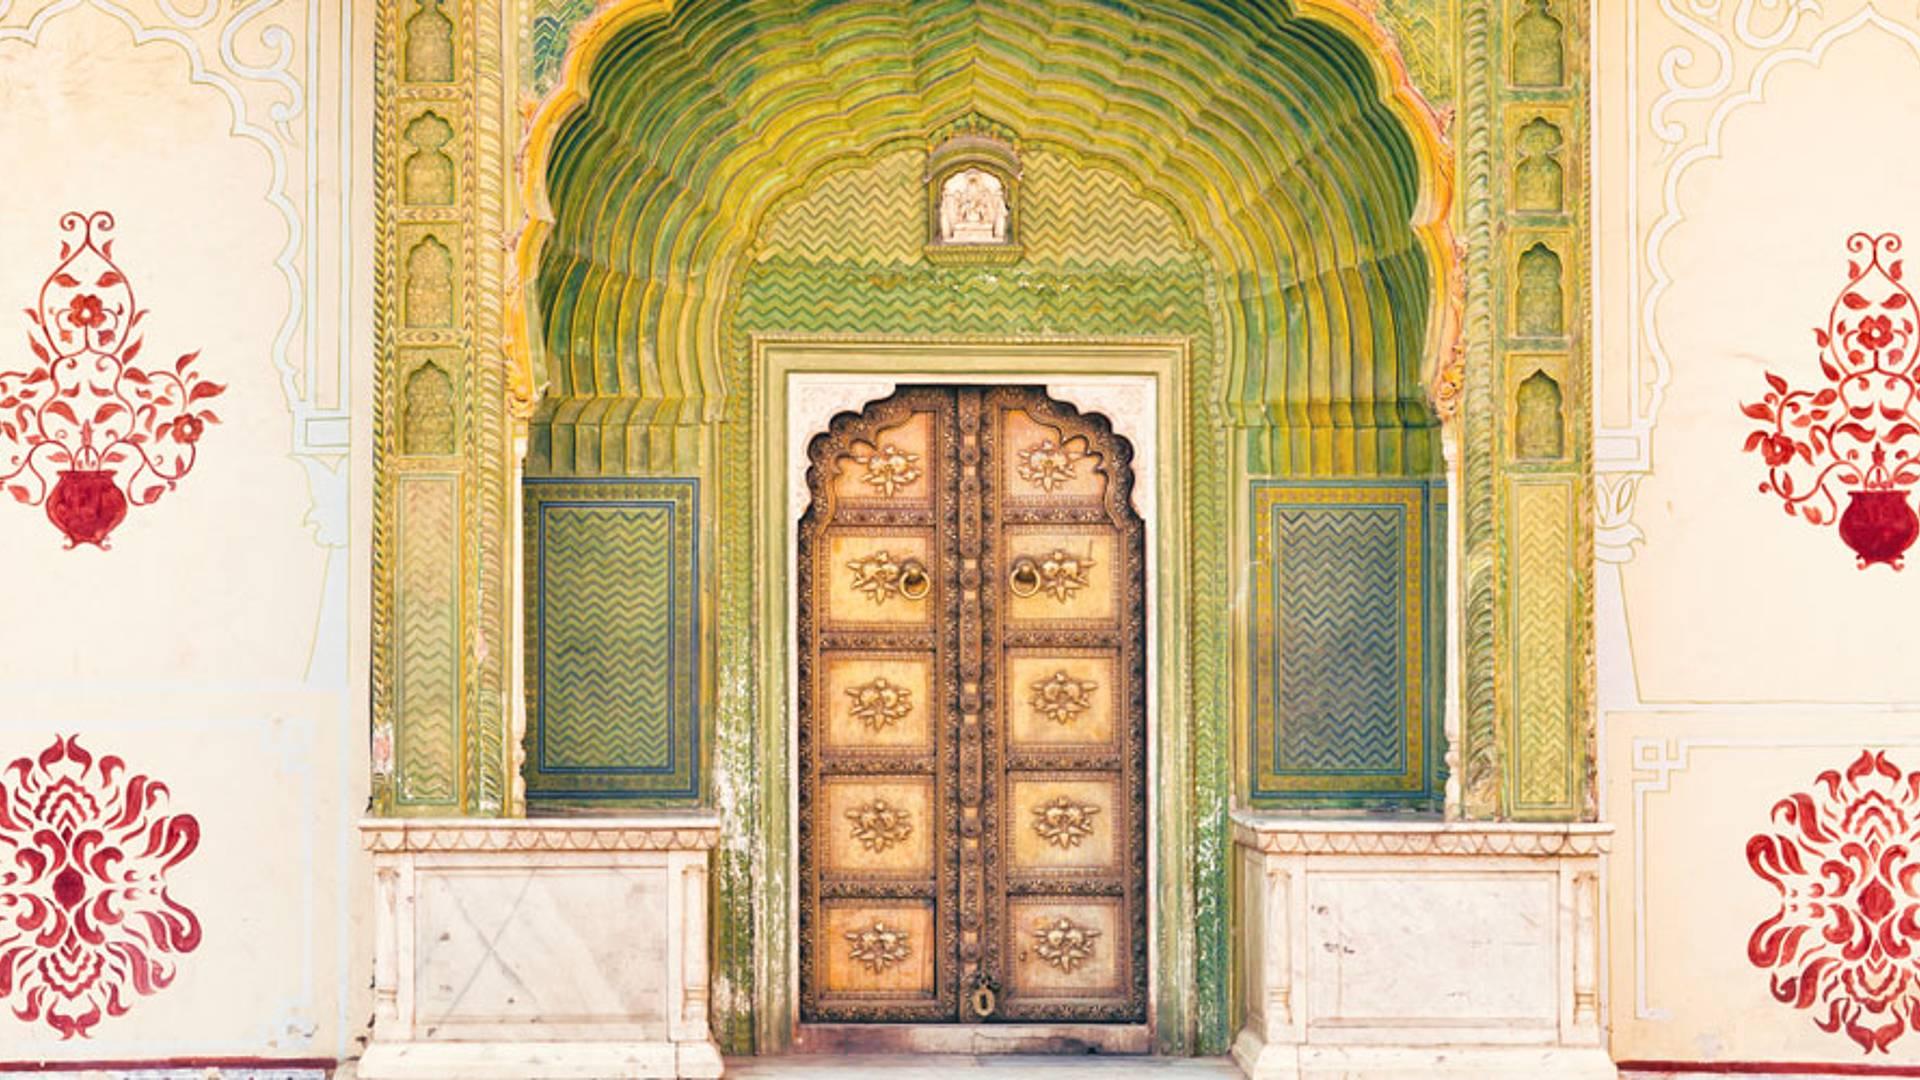 Le meilleur du Rajasthan et du Sud de l'Inde